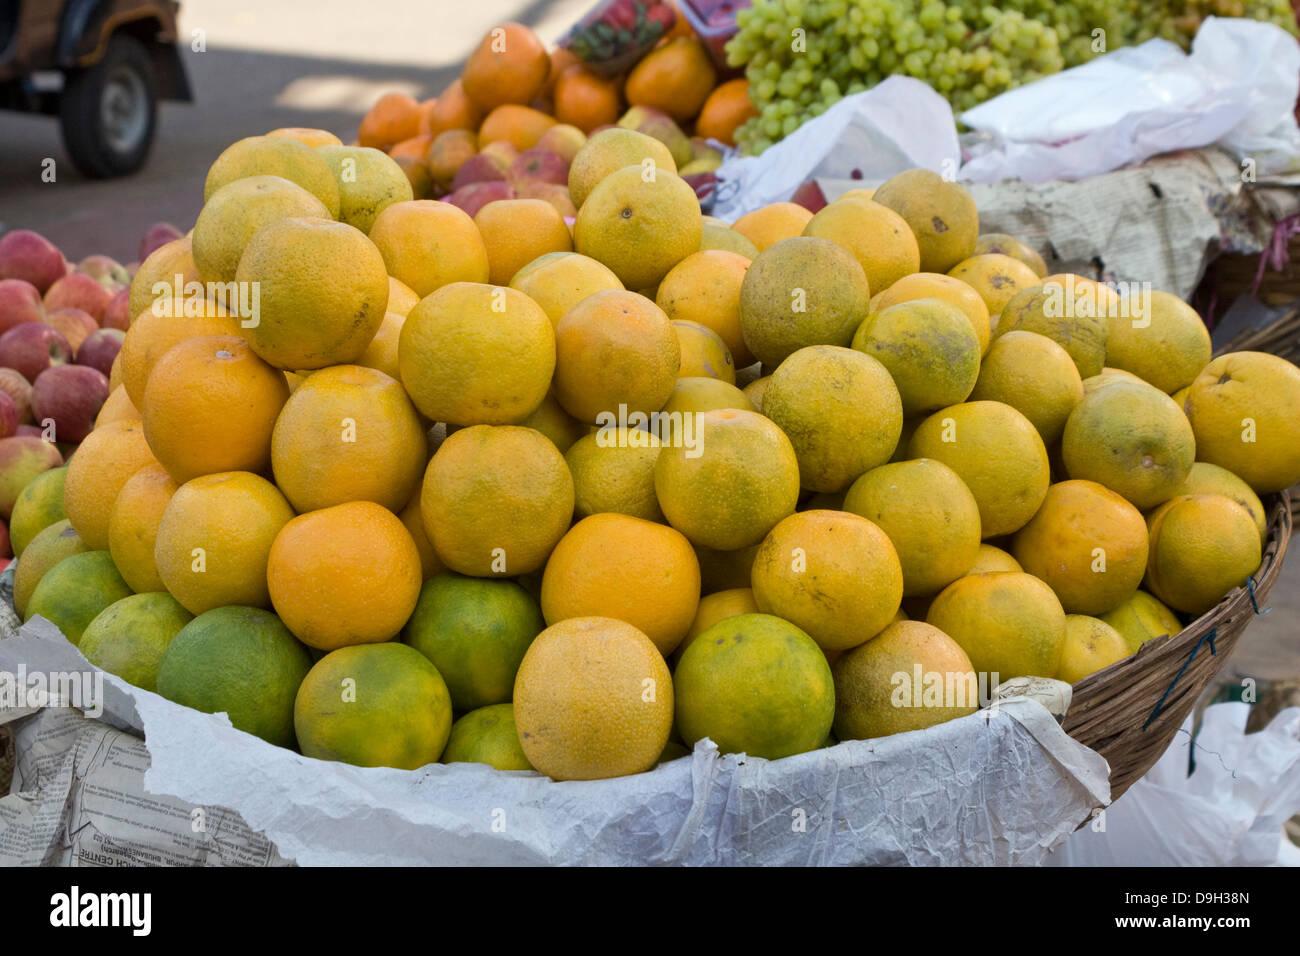 Asia, India, Karnataka, Mysore, Market stall with oranges Stock Photo